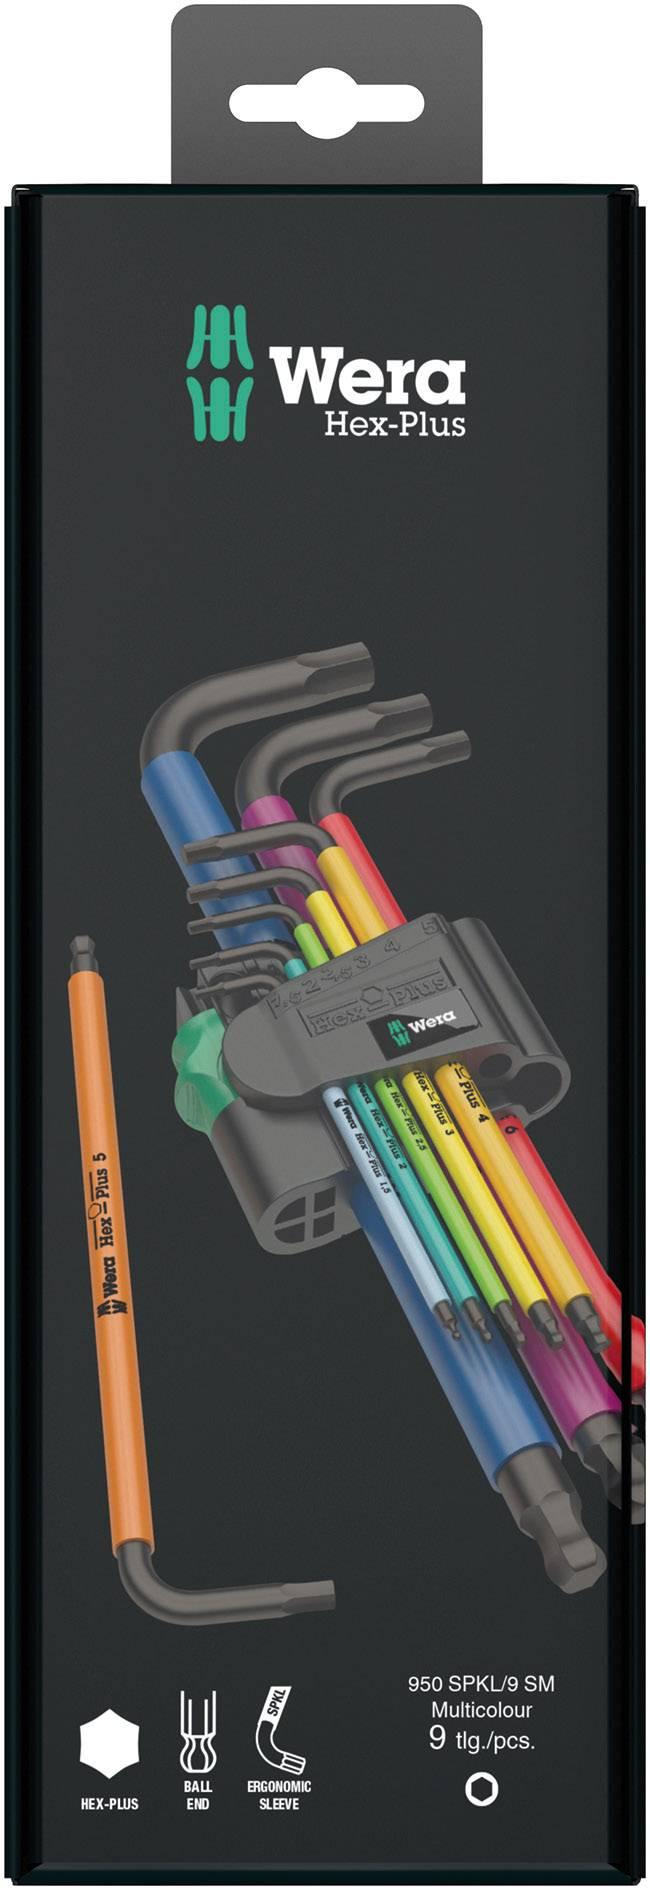 Inbus sada kľúčov Wera 950 SPKL/9 SM N Multicolour 05073593001, 9-dielna